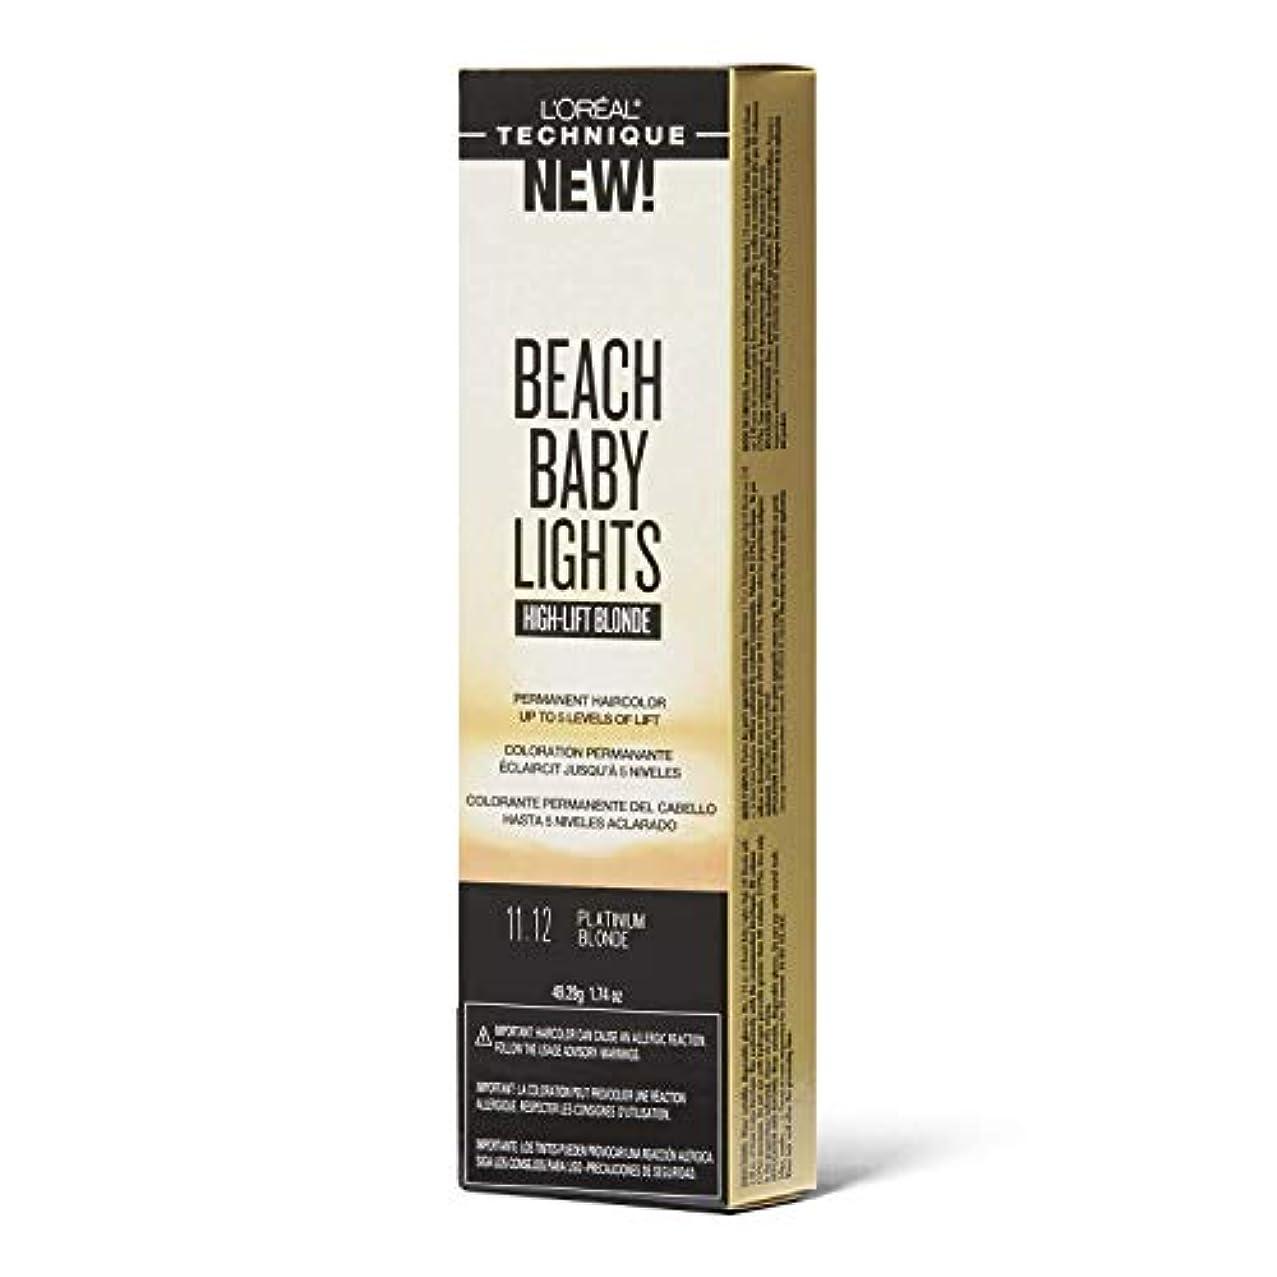 L'Oreal Paris L'Orealのビーチ赤ちゃんライトハイリフトプラチナブロンド11.12プラチナブロンド